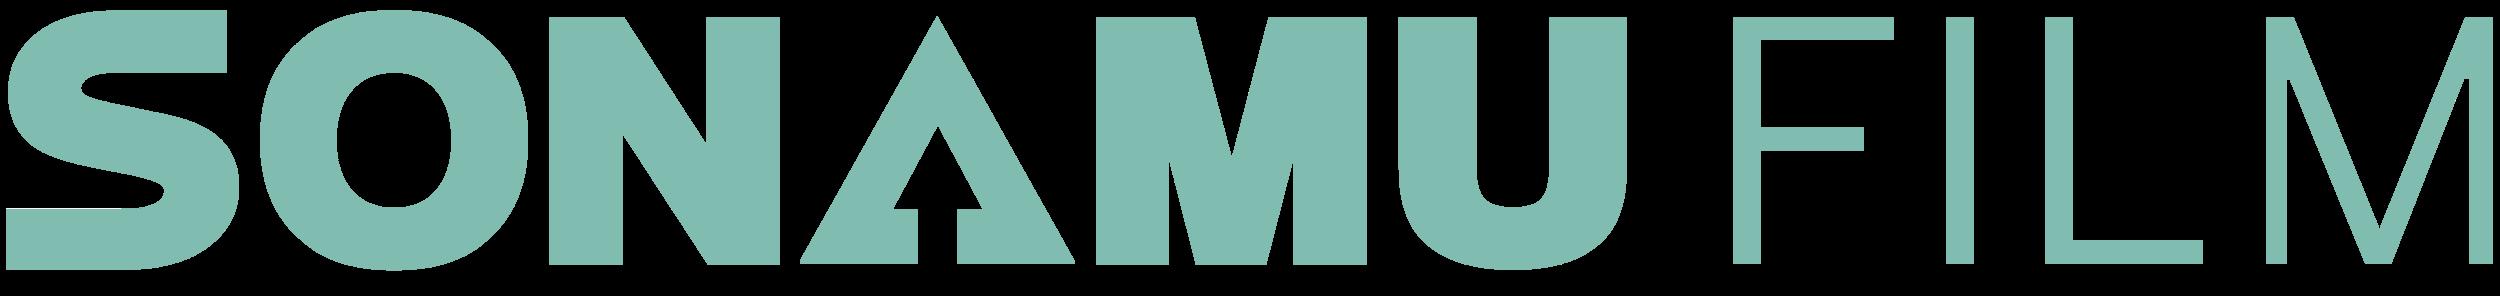 Sonamu Logo Mint.png